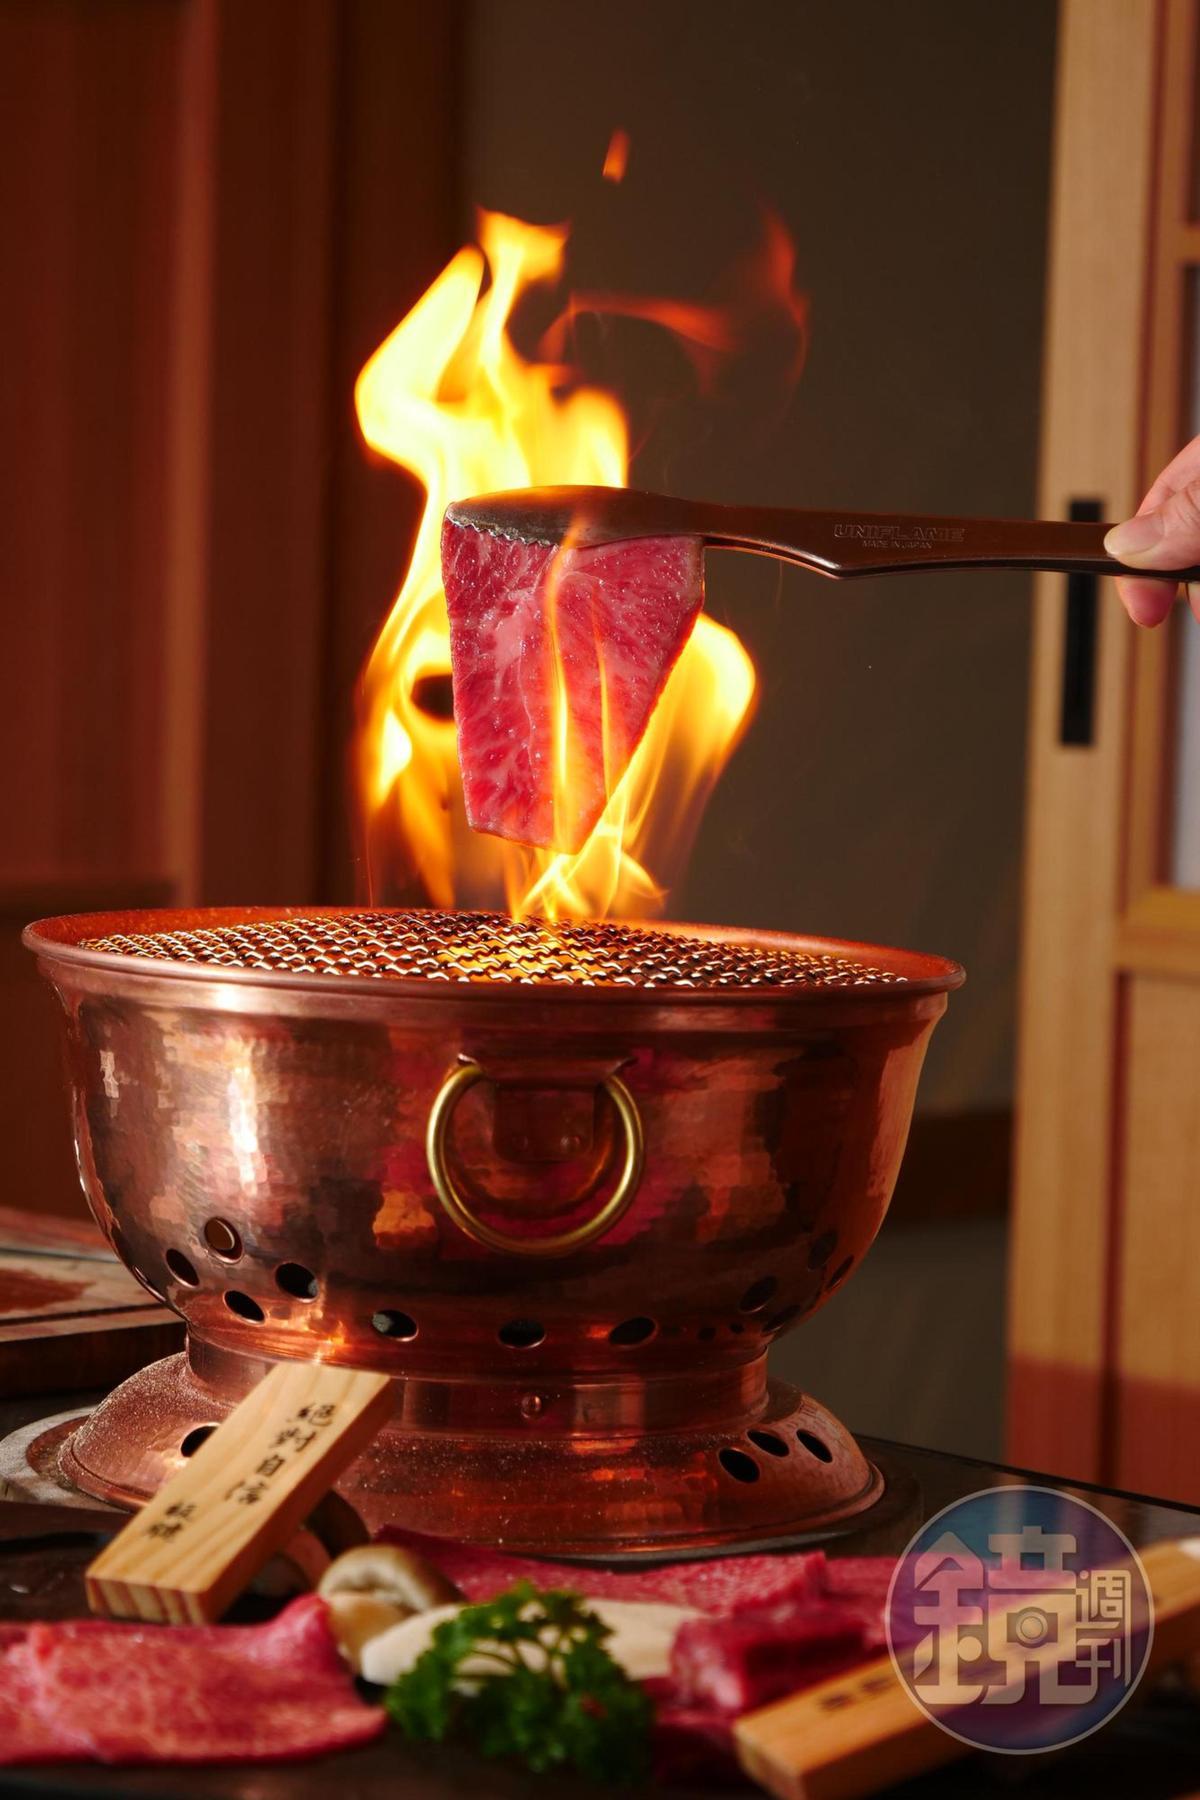 專人服務的銅爐鐵網炭烤,不用動手也能享受美味。